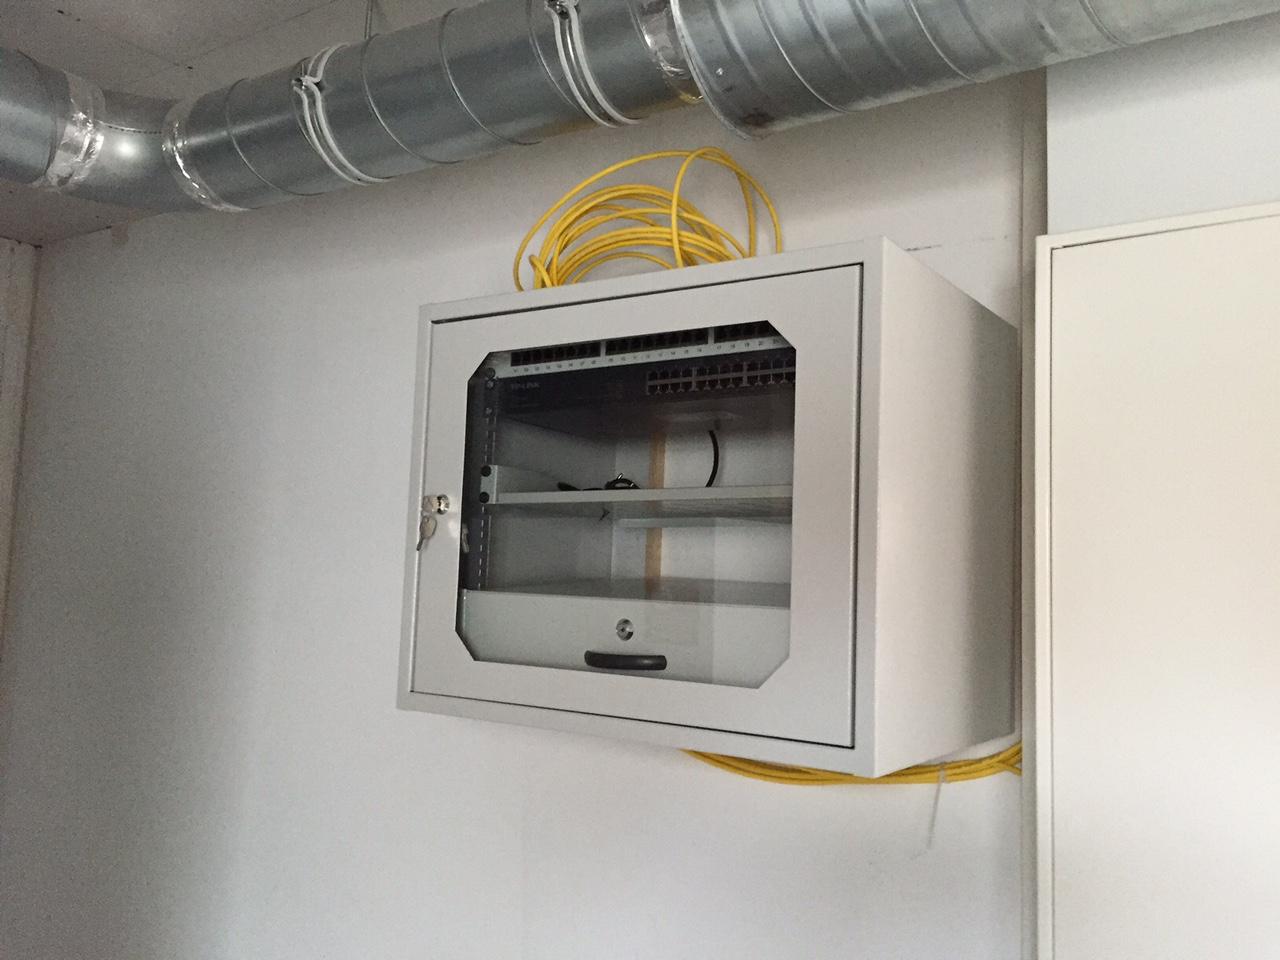 Netzwerkschrank Und Eingangspodest Das Haus 5 0 Von